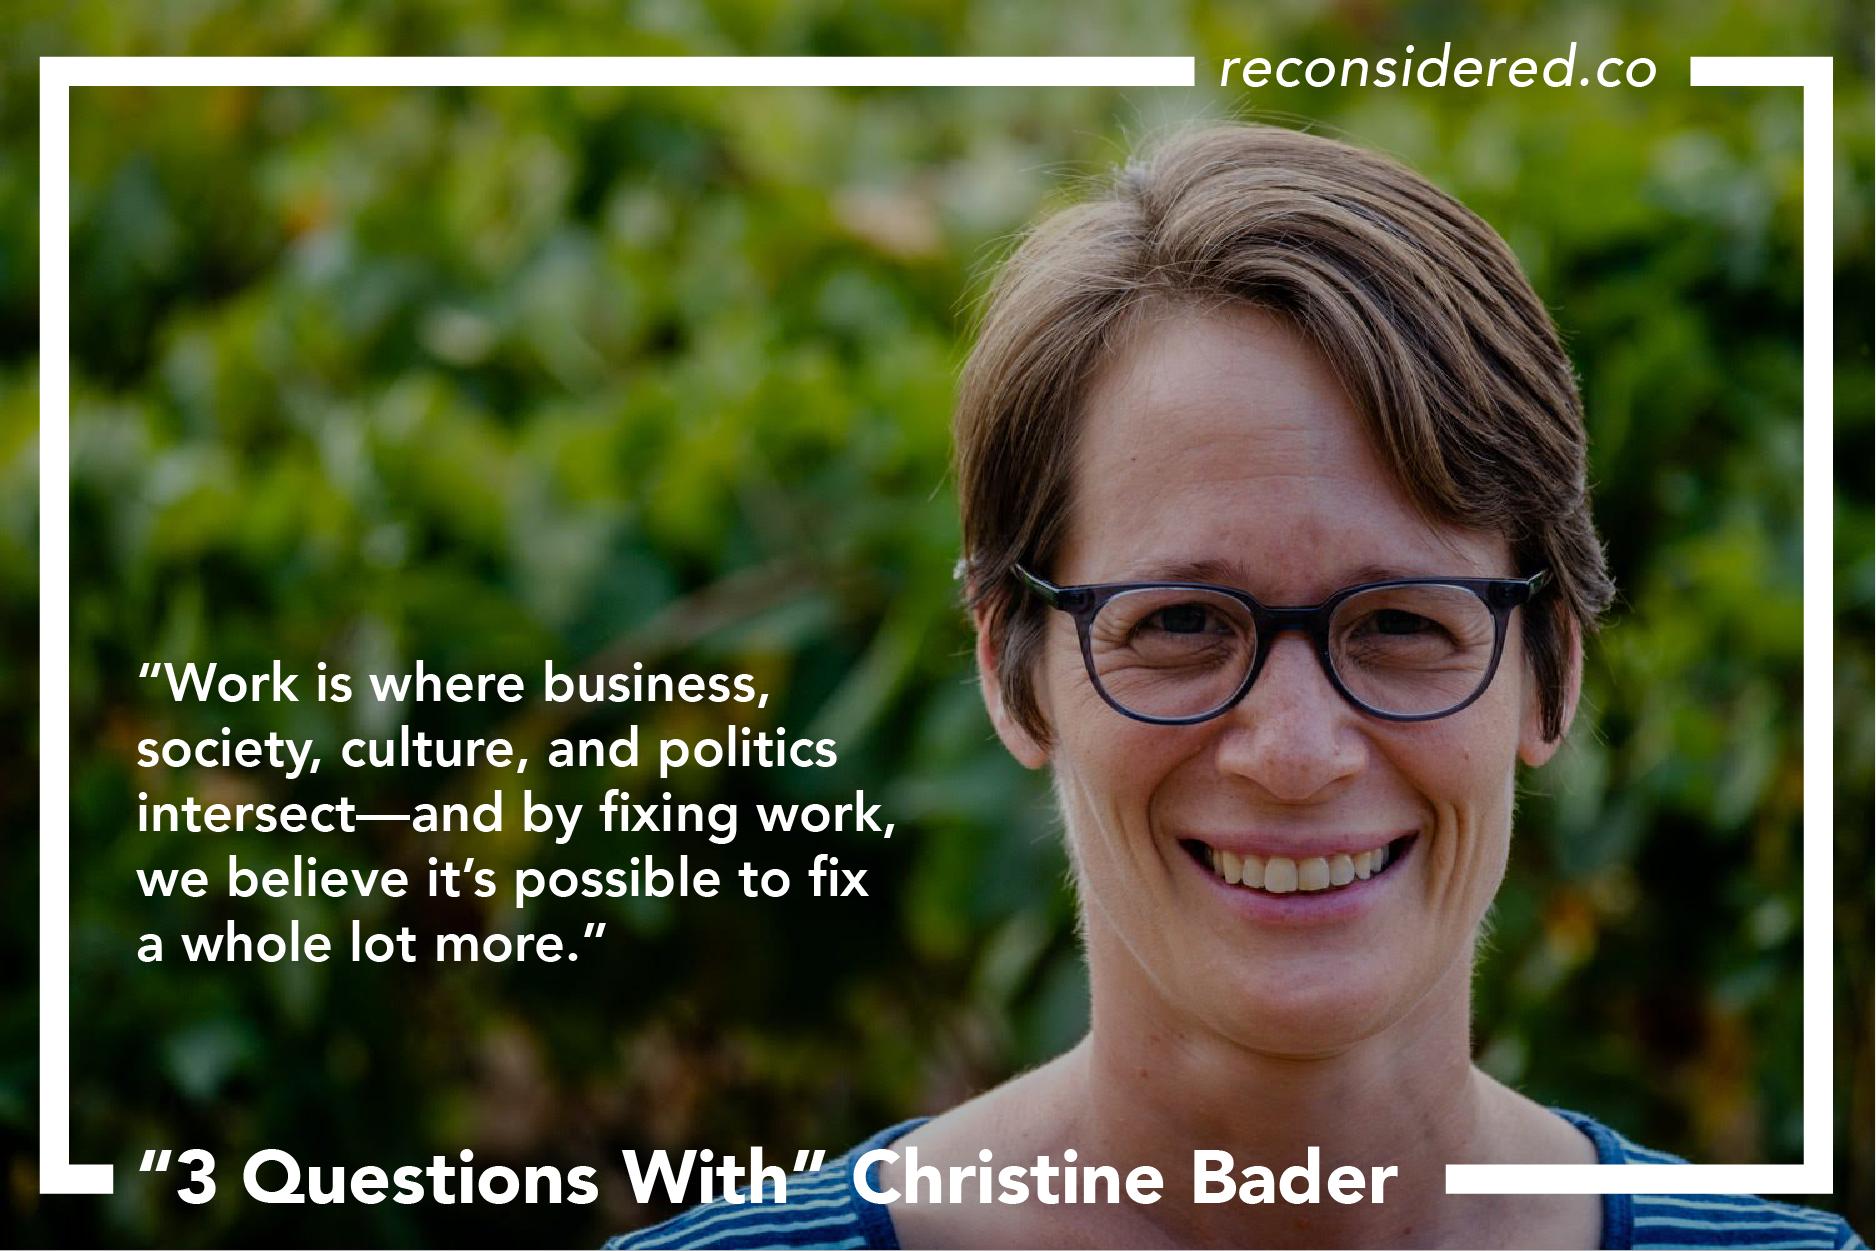 ChristineBader-01.png